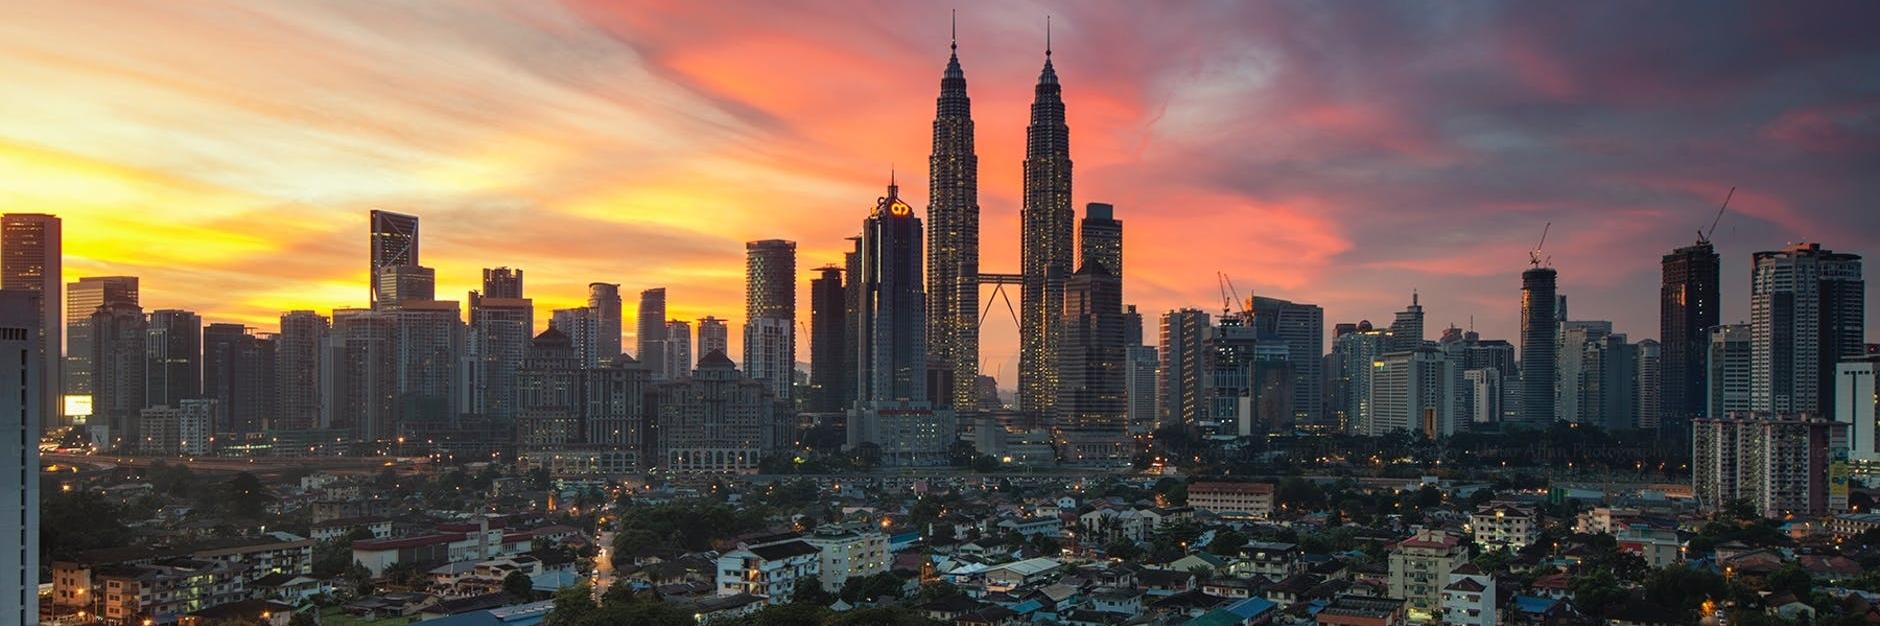 https://gody.vn/blog/thanhnguyen8829/post/tu-a-z-nhung-dieu-can-luu-y-khi-du-lich-malaysia-4146